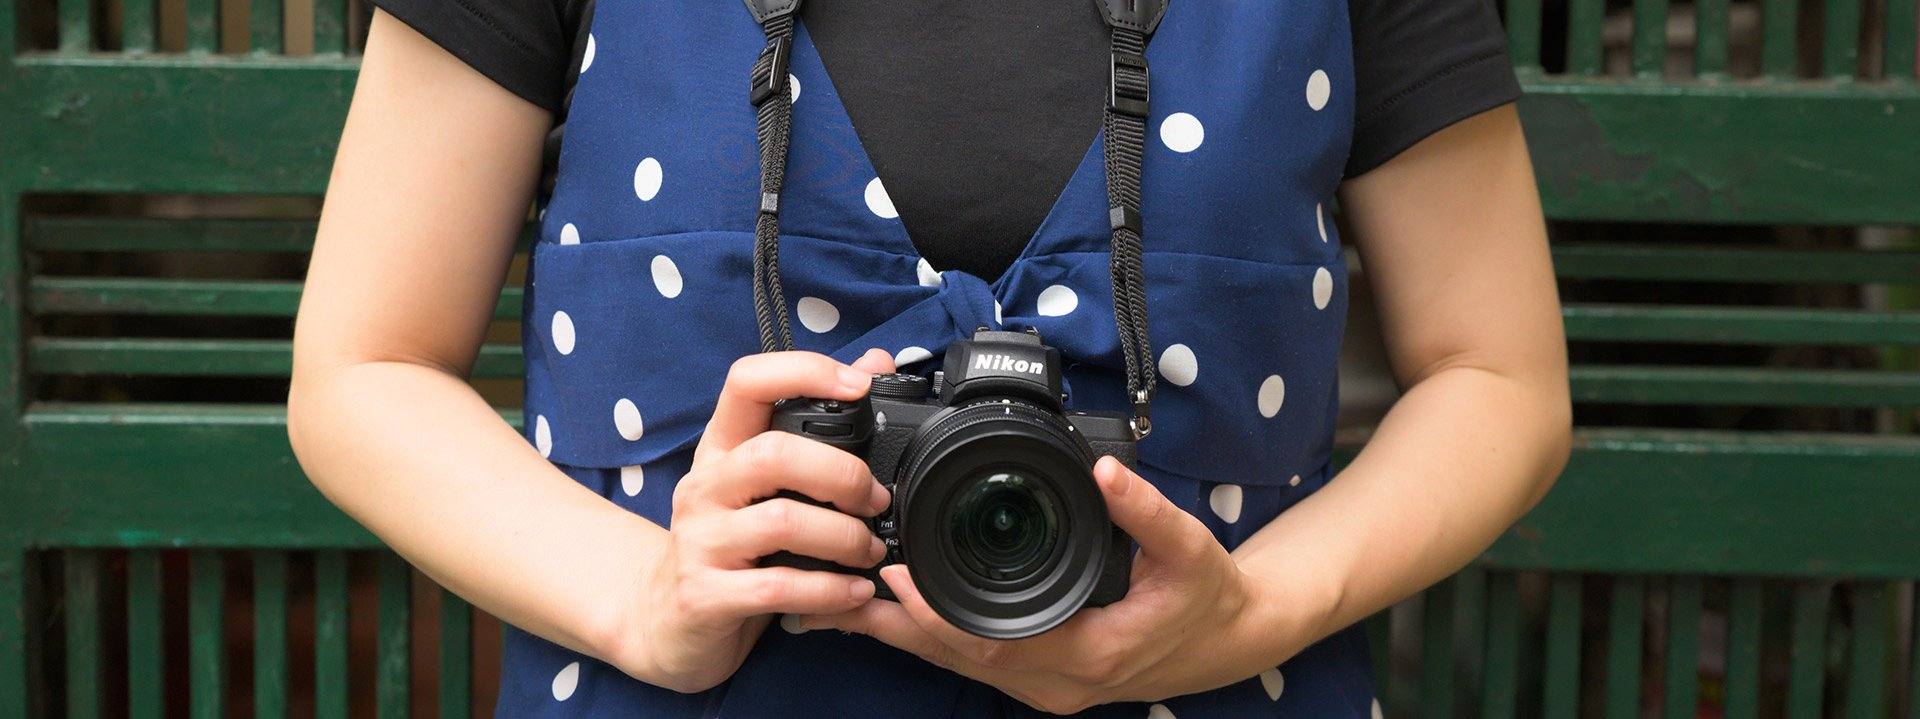 fotoaparát v ruke